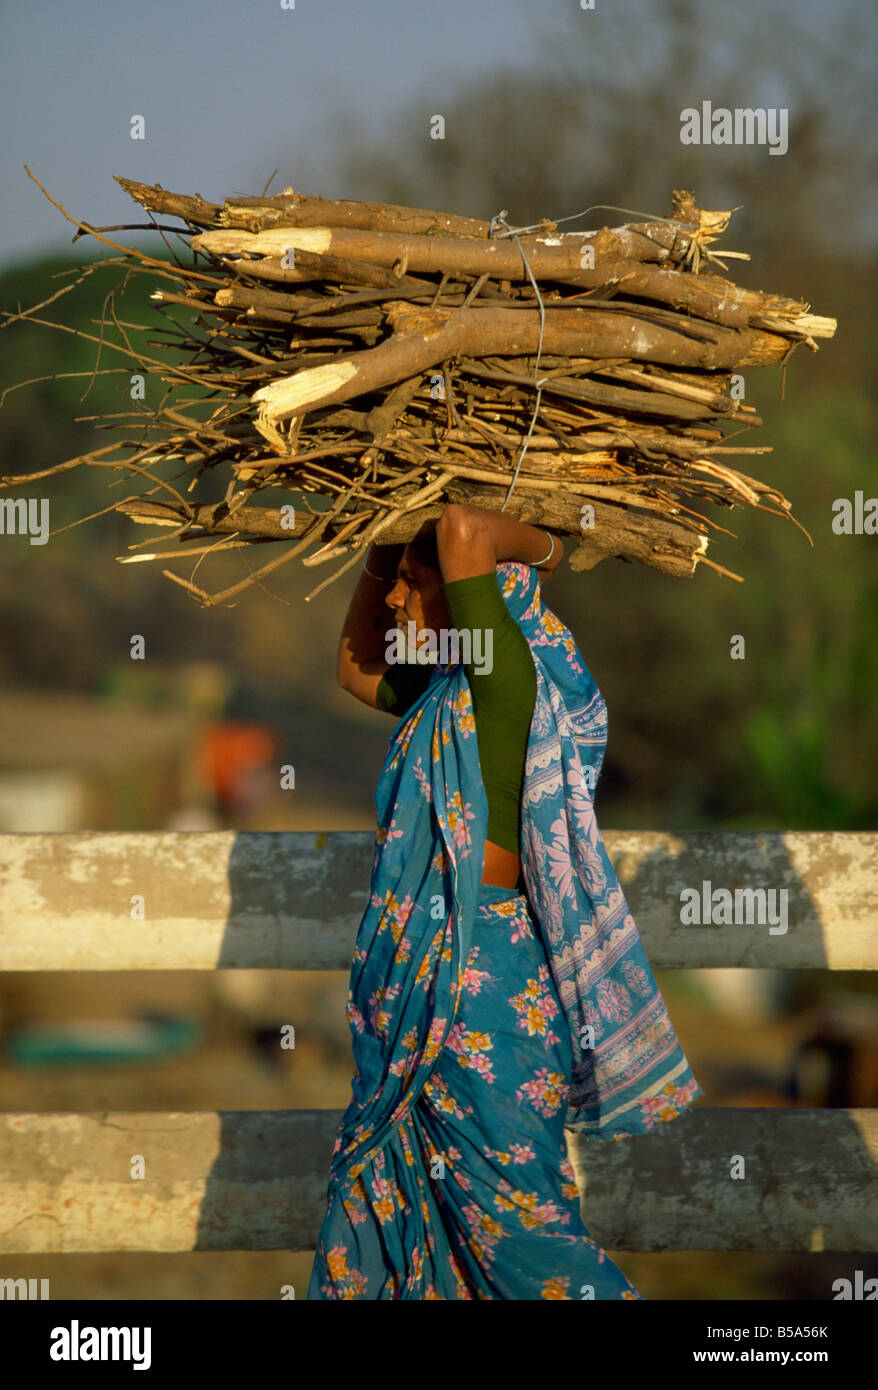 Femme transportant du bois de chauffage, Pune, Maharashtra, Inde l'état Banque D'Images